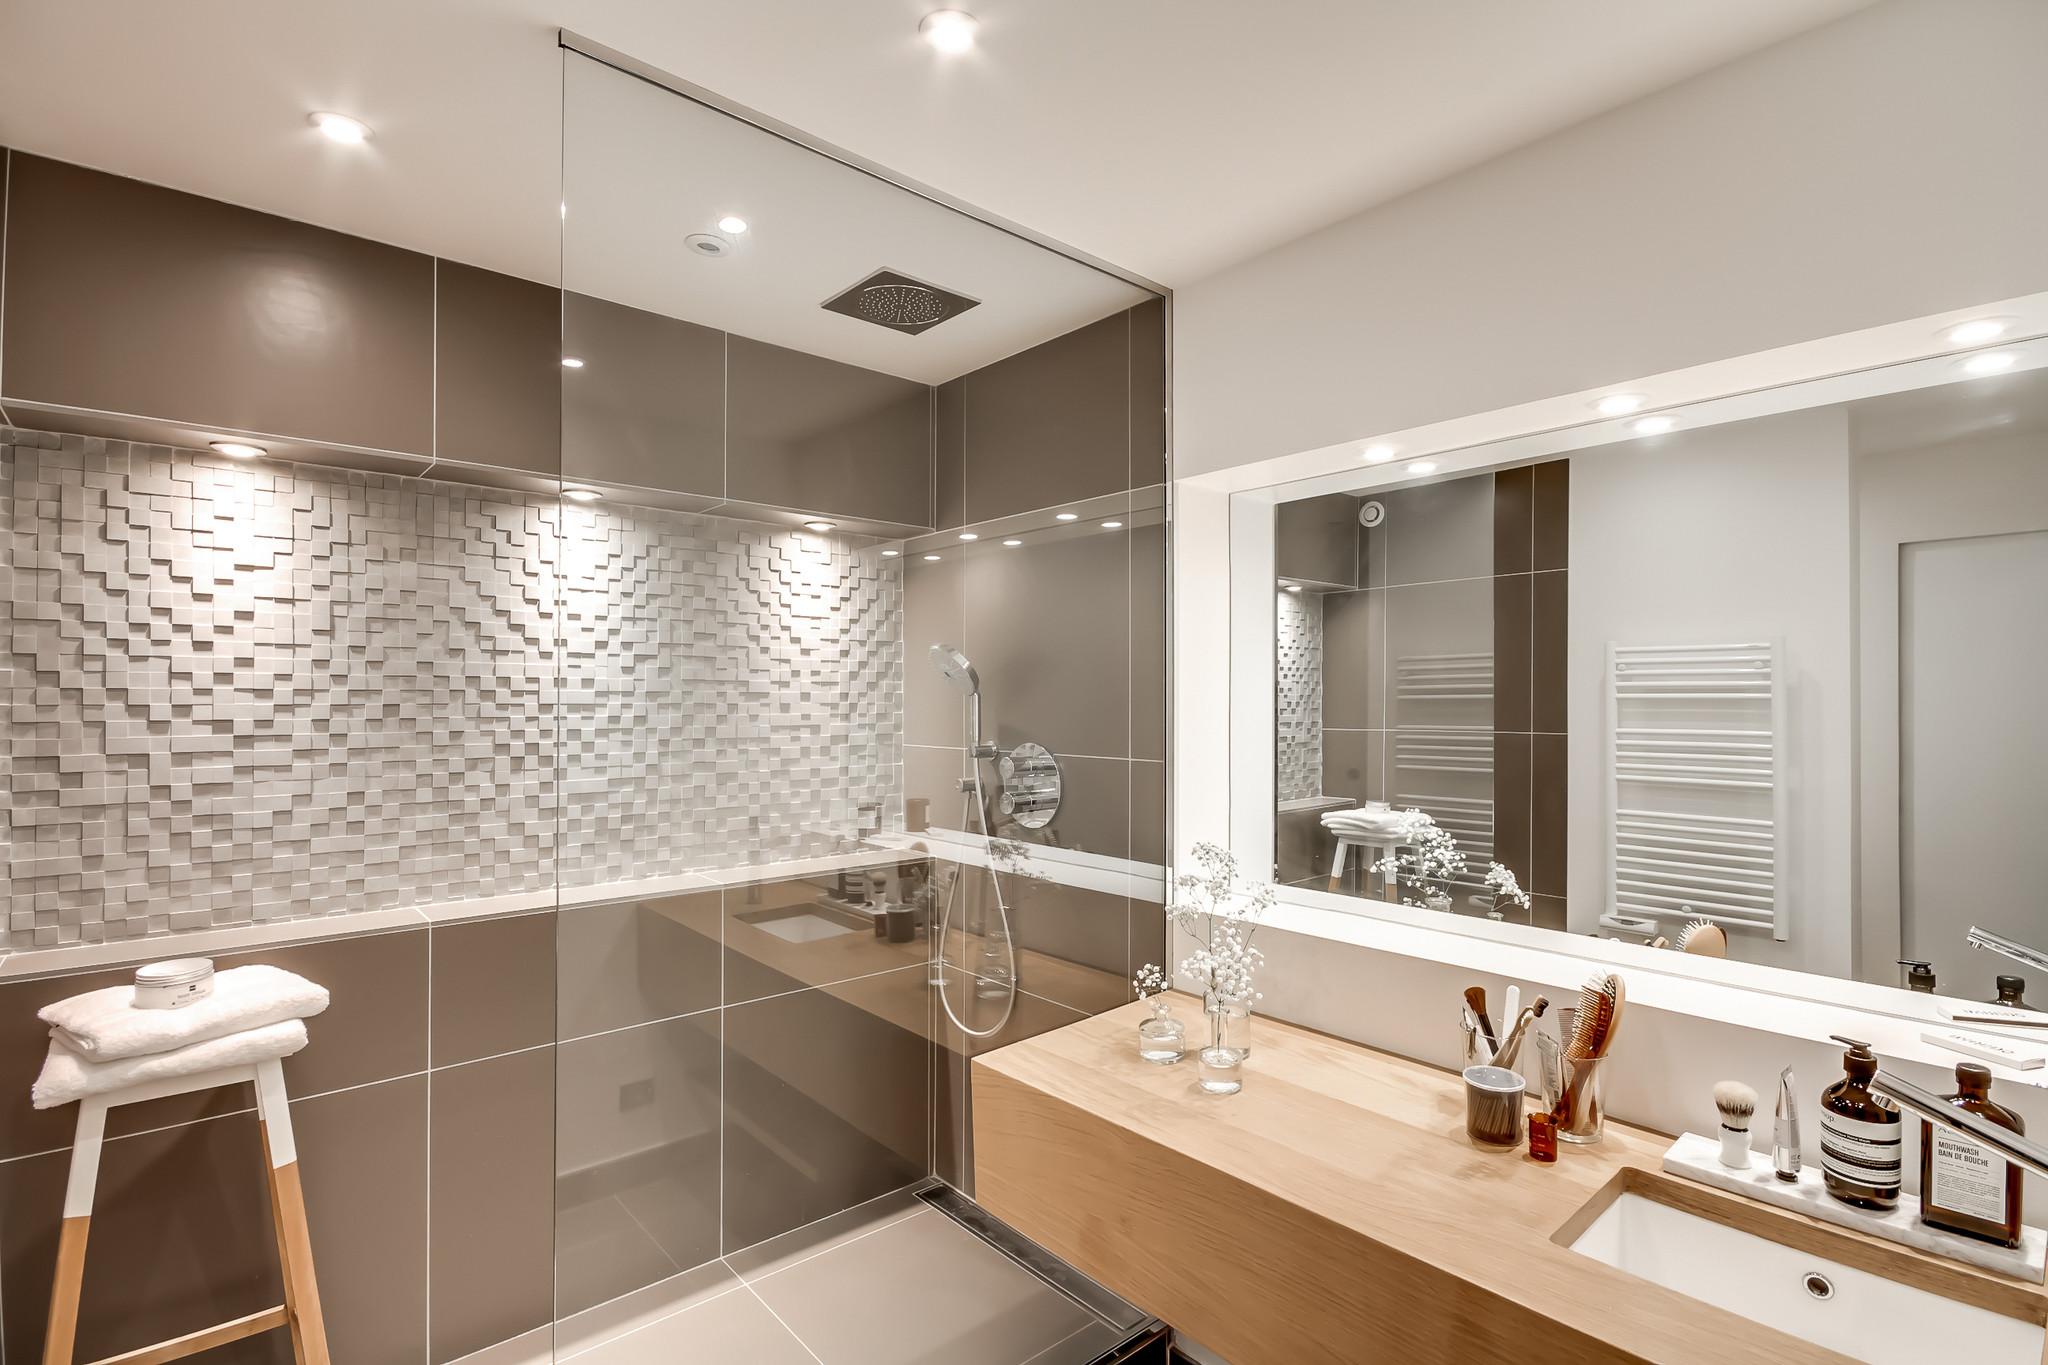 Ванная комната в современном стиле из серой плитки